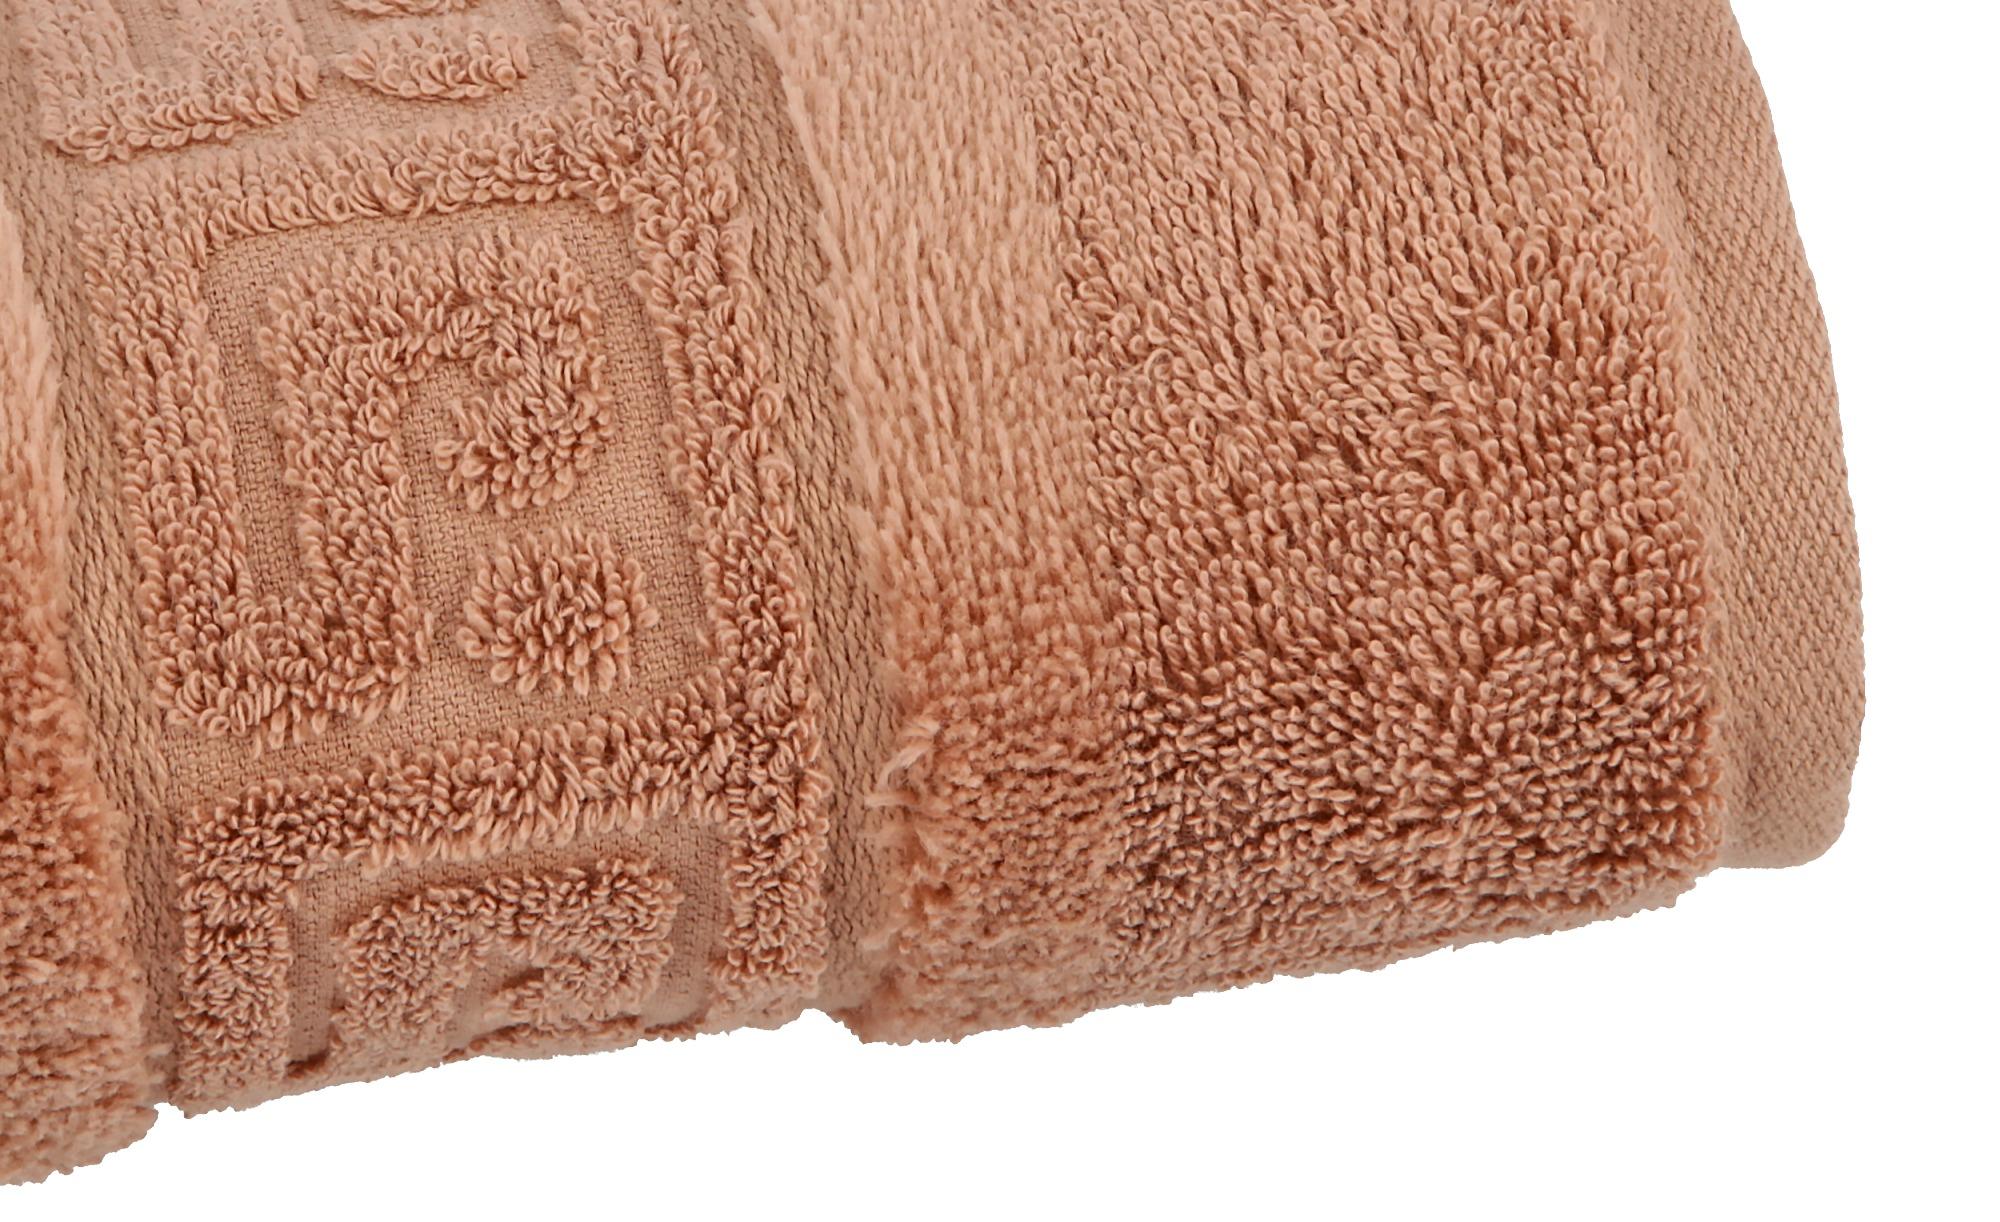 CaWö Duschtuch  1001 ¦ braun ¦ 100% Baumwolle ¦ Maße (cm): B: 80 Badtextilien und Zubehör > Handtücher & Badetücher > Duschtücher - Höffner